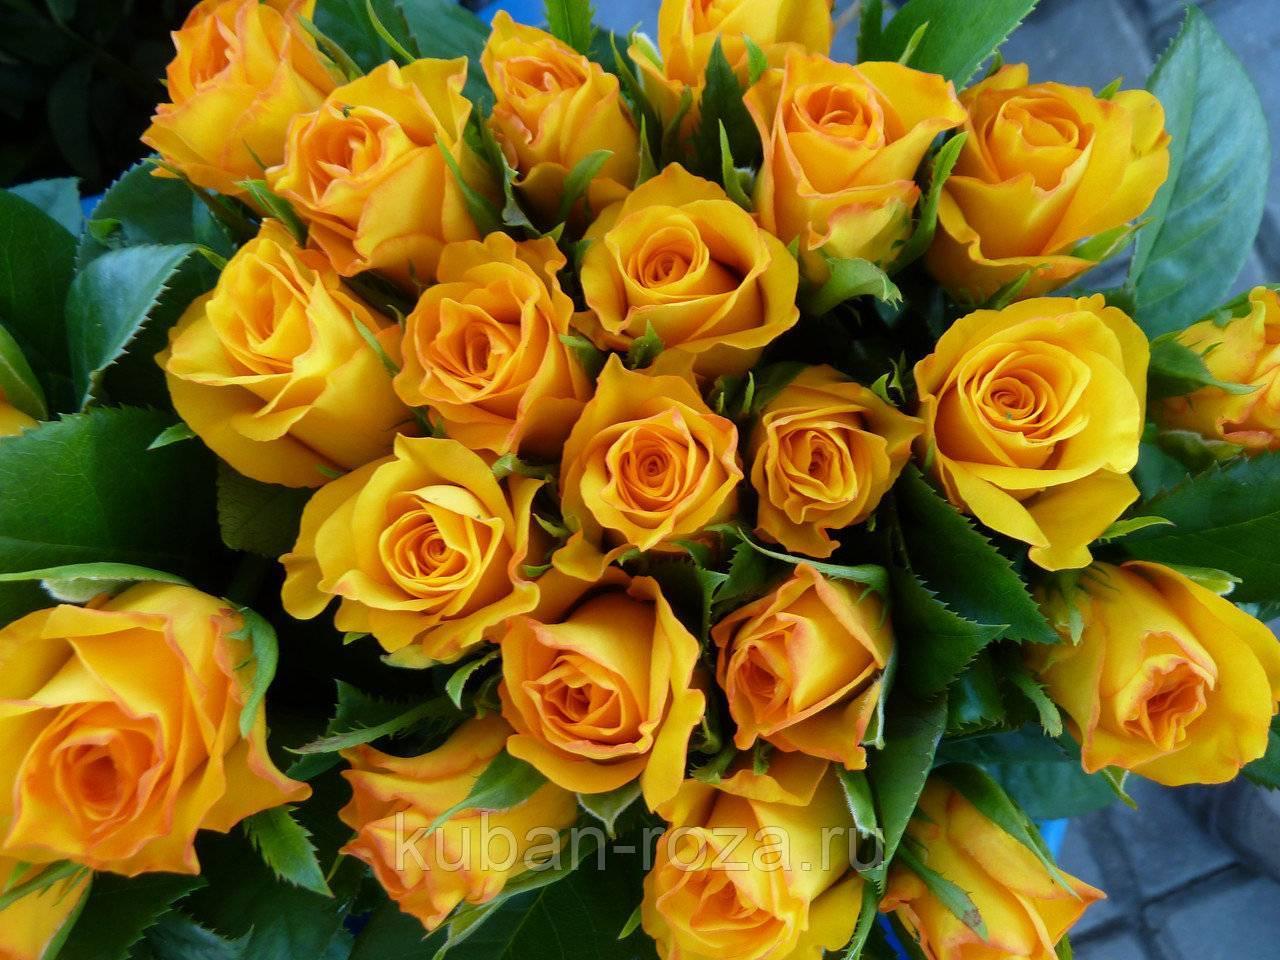 Роза керио фото и описание отзывы